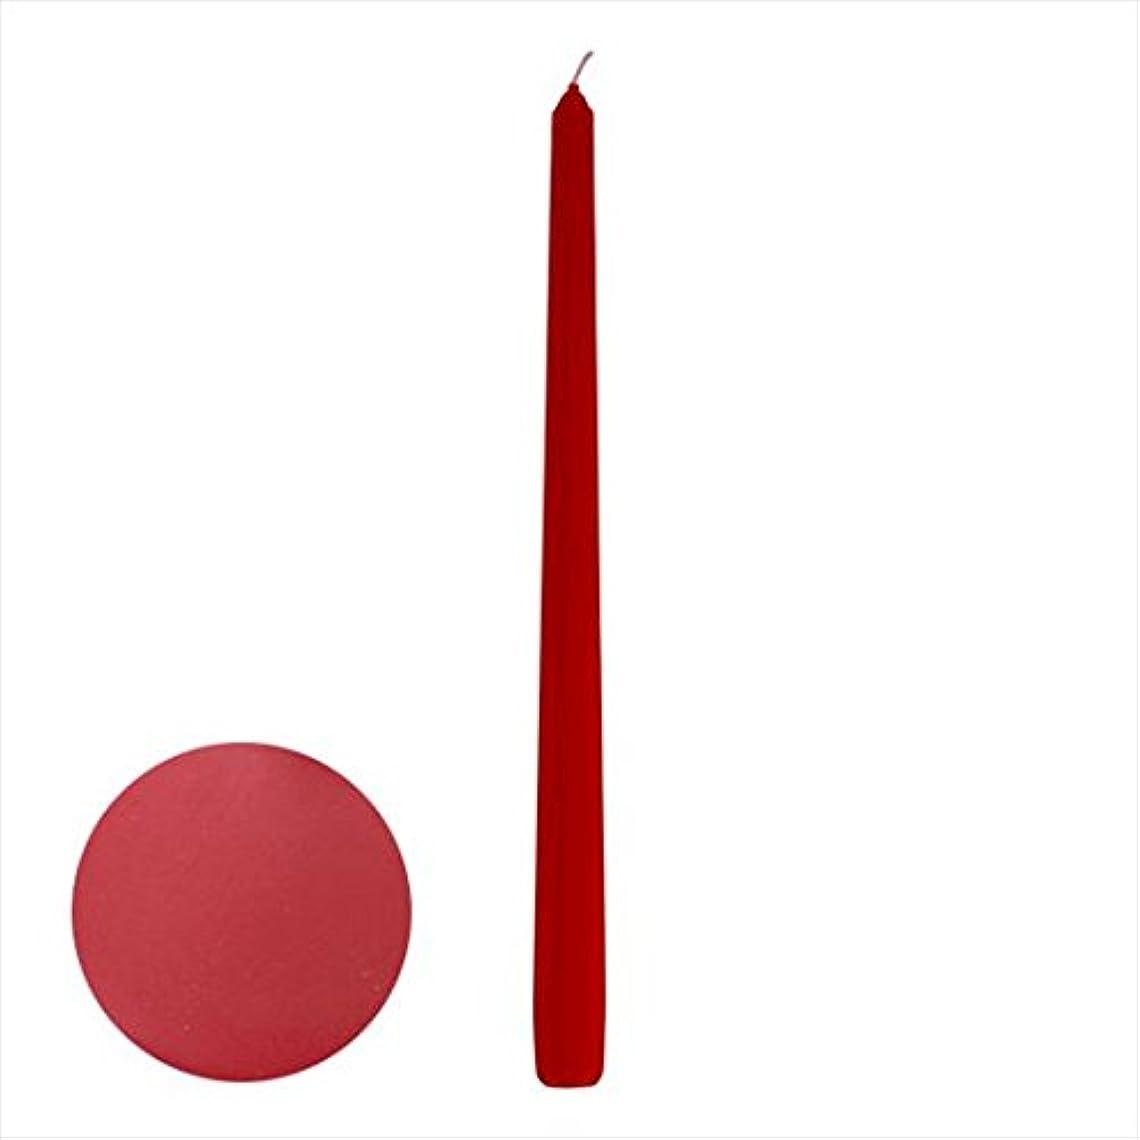 比喩ブランド名が欲しいカメヤマキャンドル(kameyama candle) 12インチテーパー 「 ダークレッド 」 12本入り